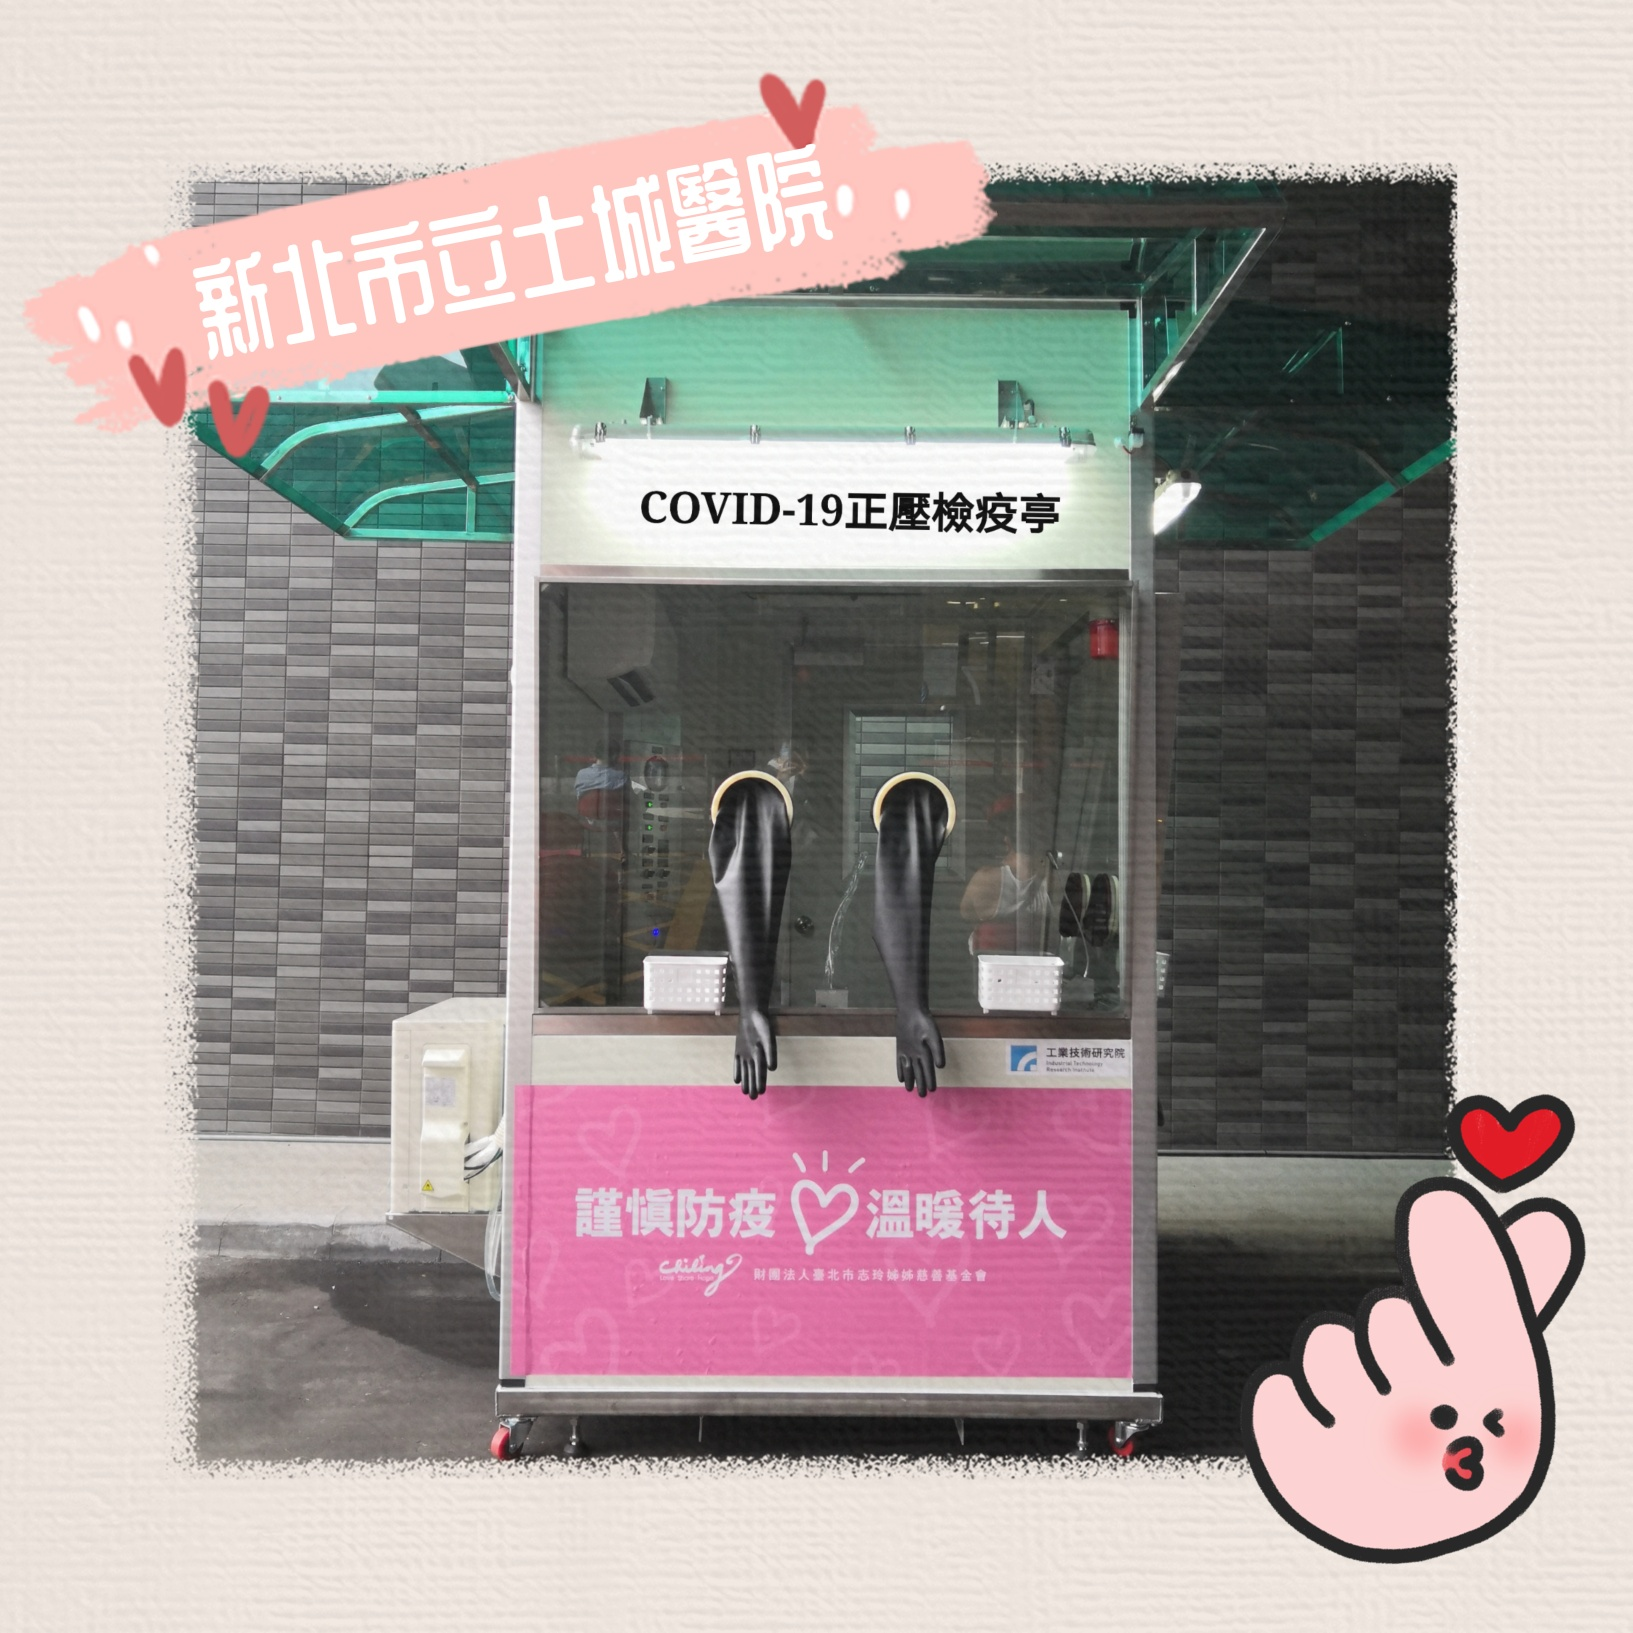 林志玲捐贈6座正壓檢疫亭。(圖/翻攝自財團法人臺北市志玲姊姊慈善基金會臉書)